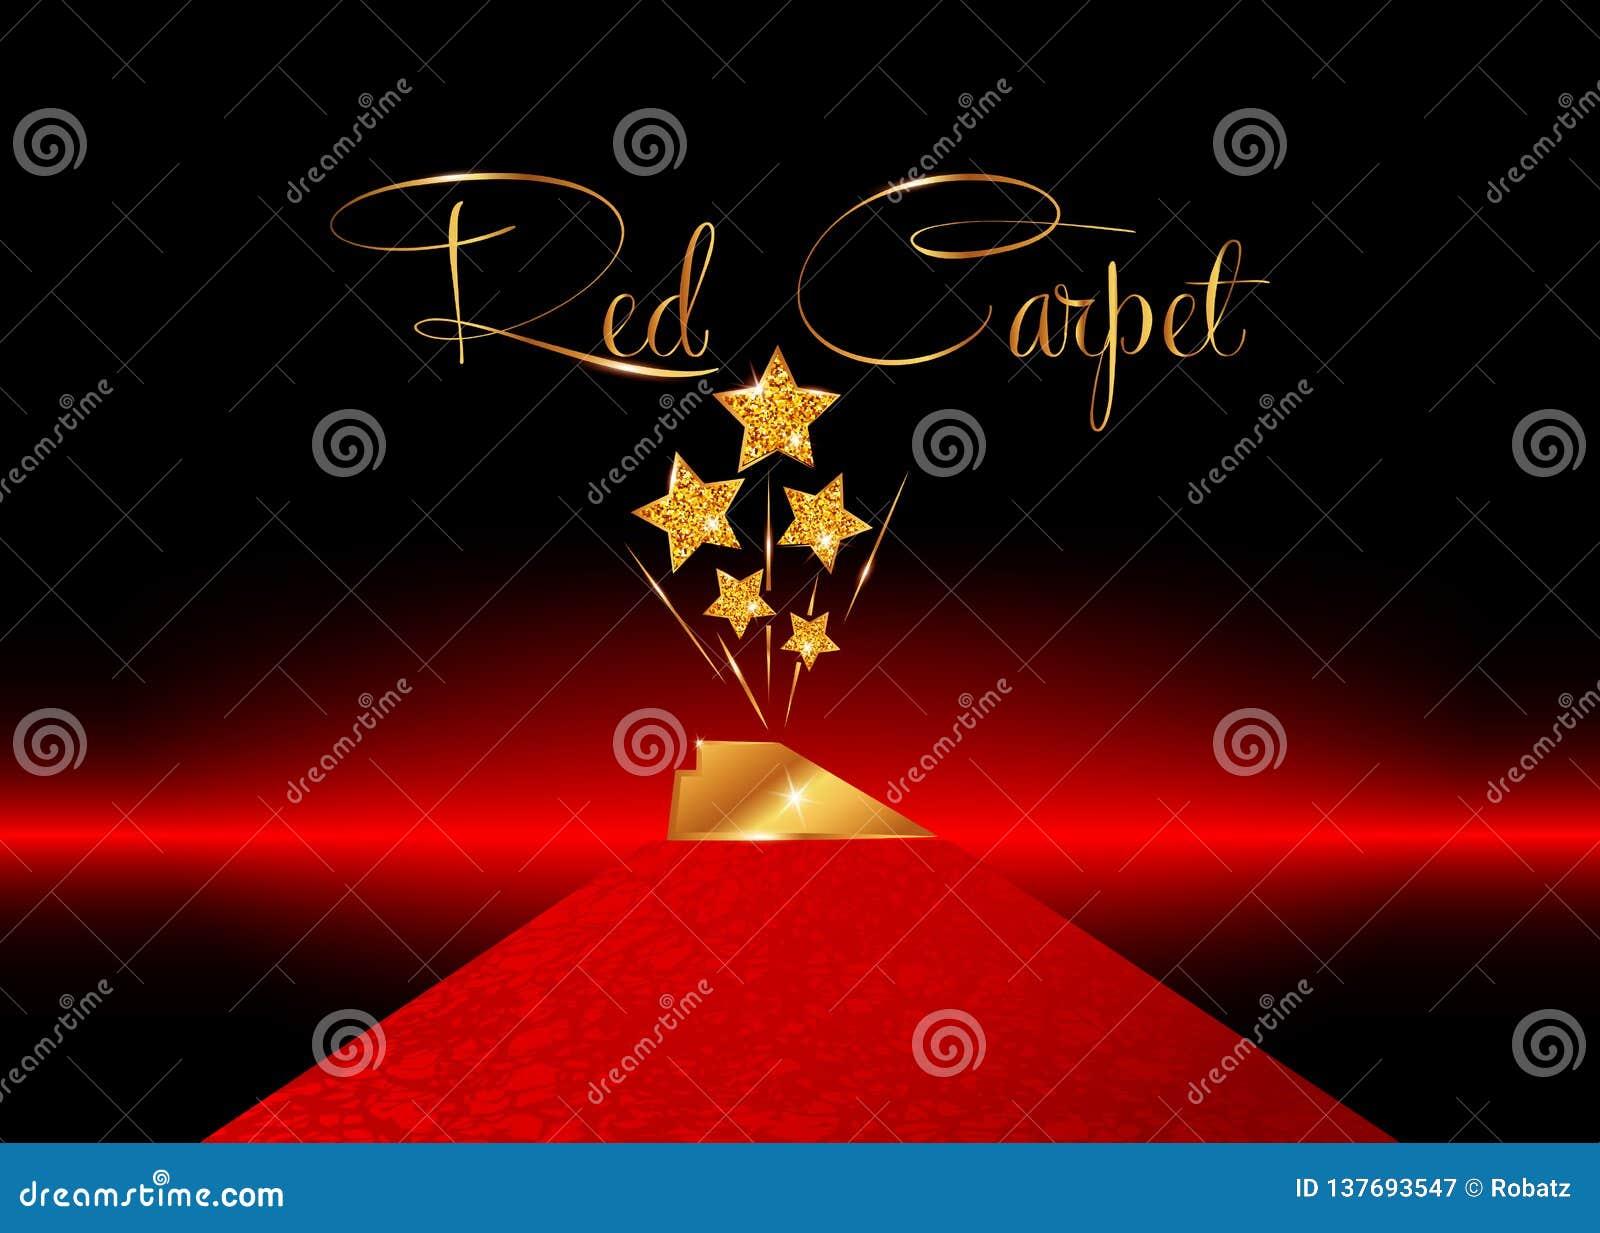 好莱坞电影党金星奖给仪式隆重和金黄星的雕象奖得奖的概念,闪烁的样式